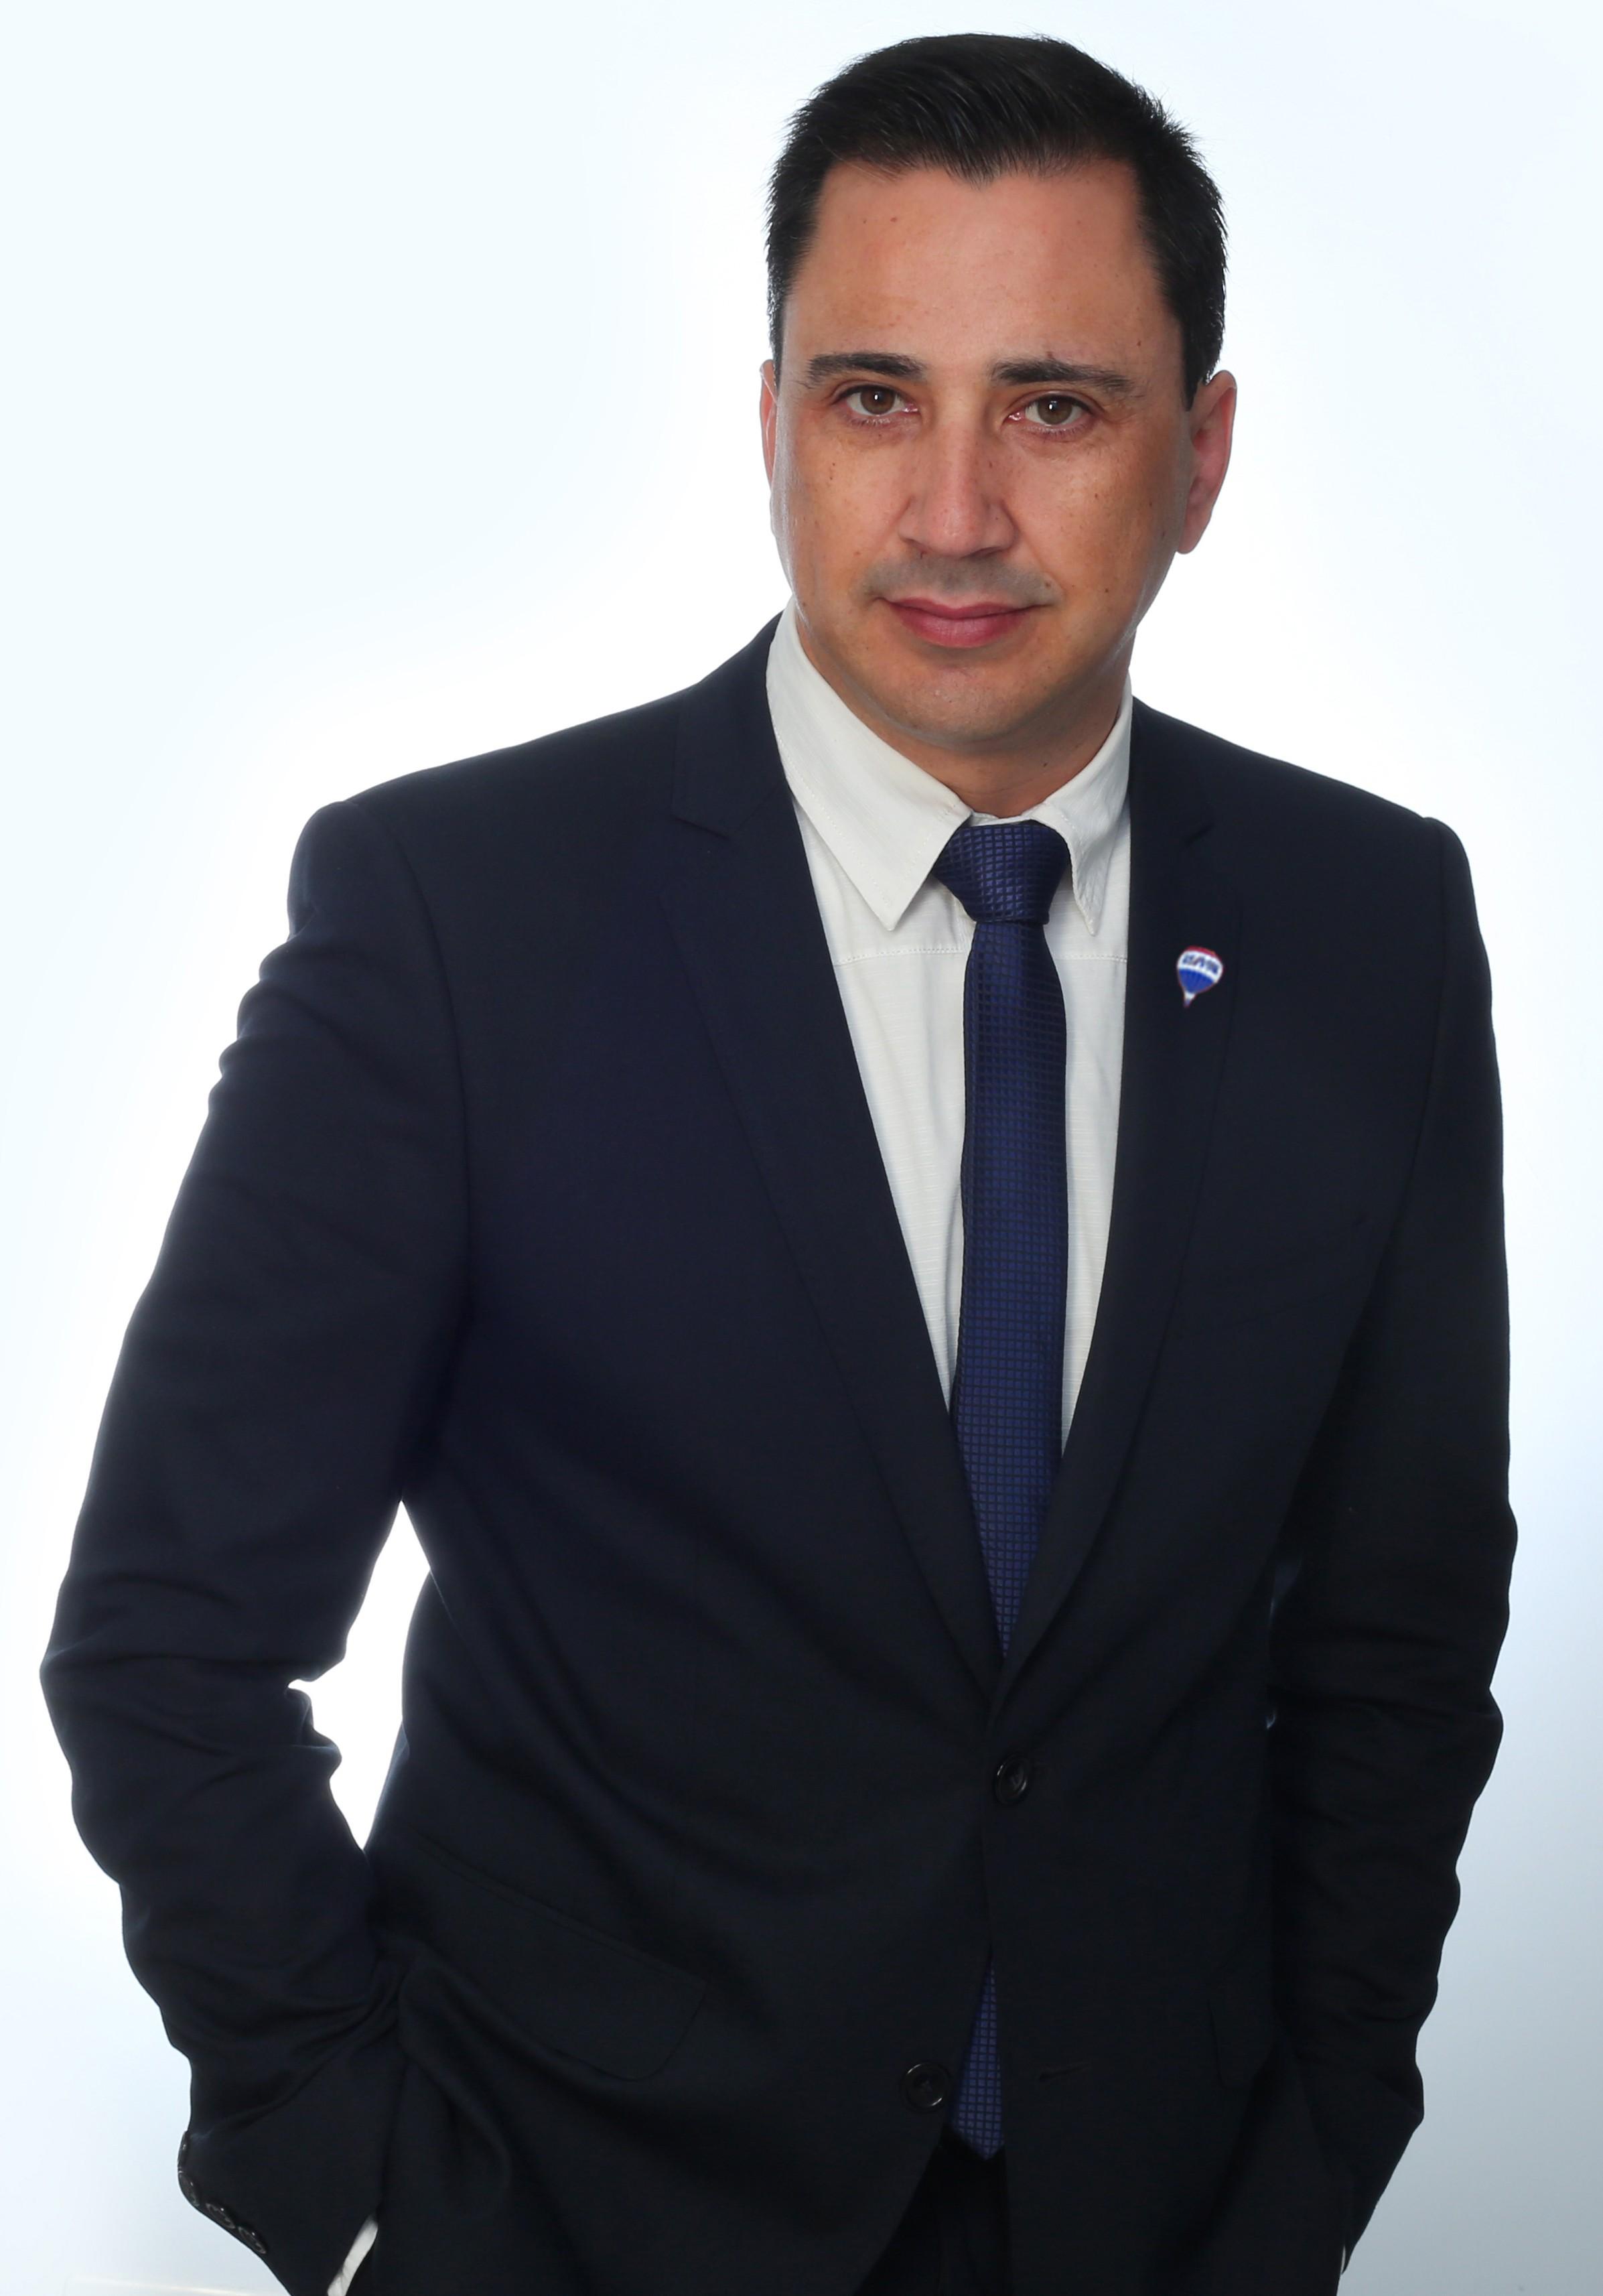 Miguel Ángel Lavado